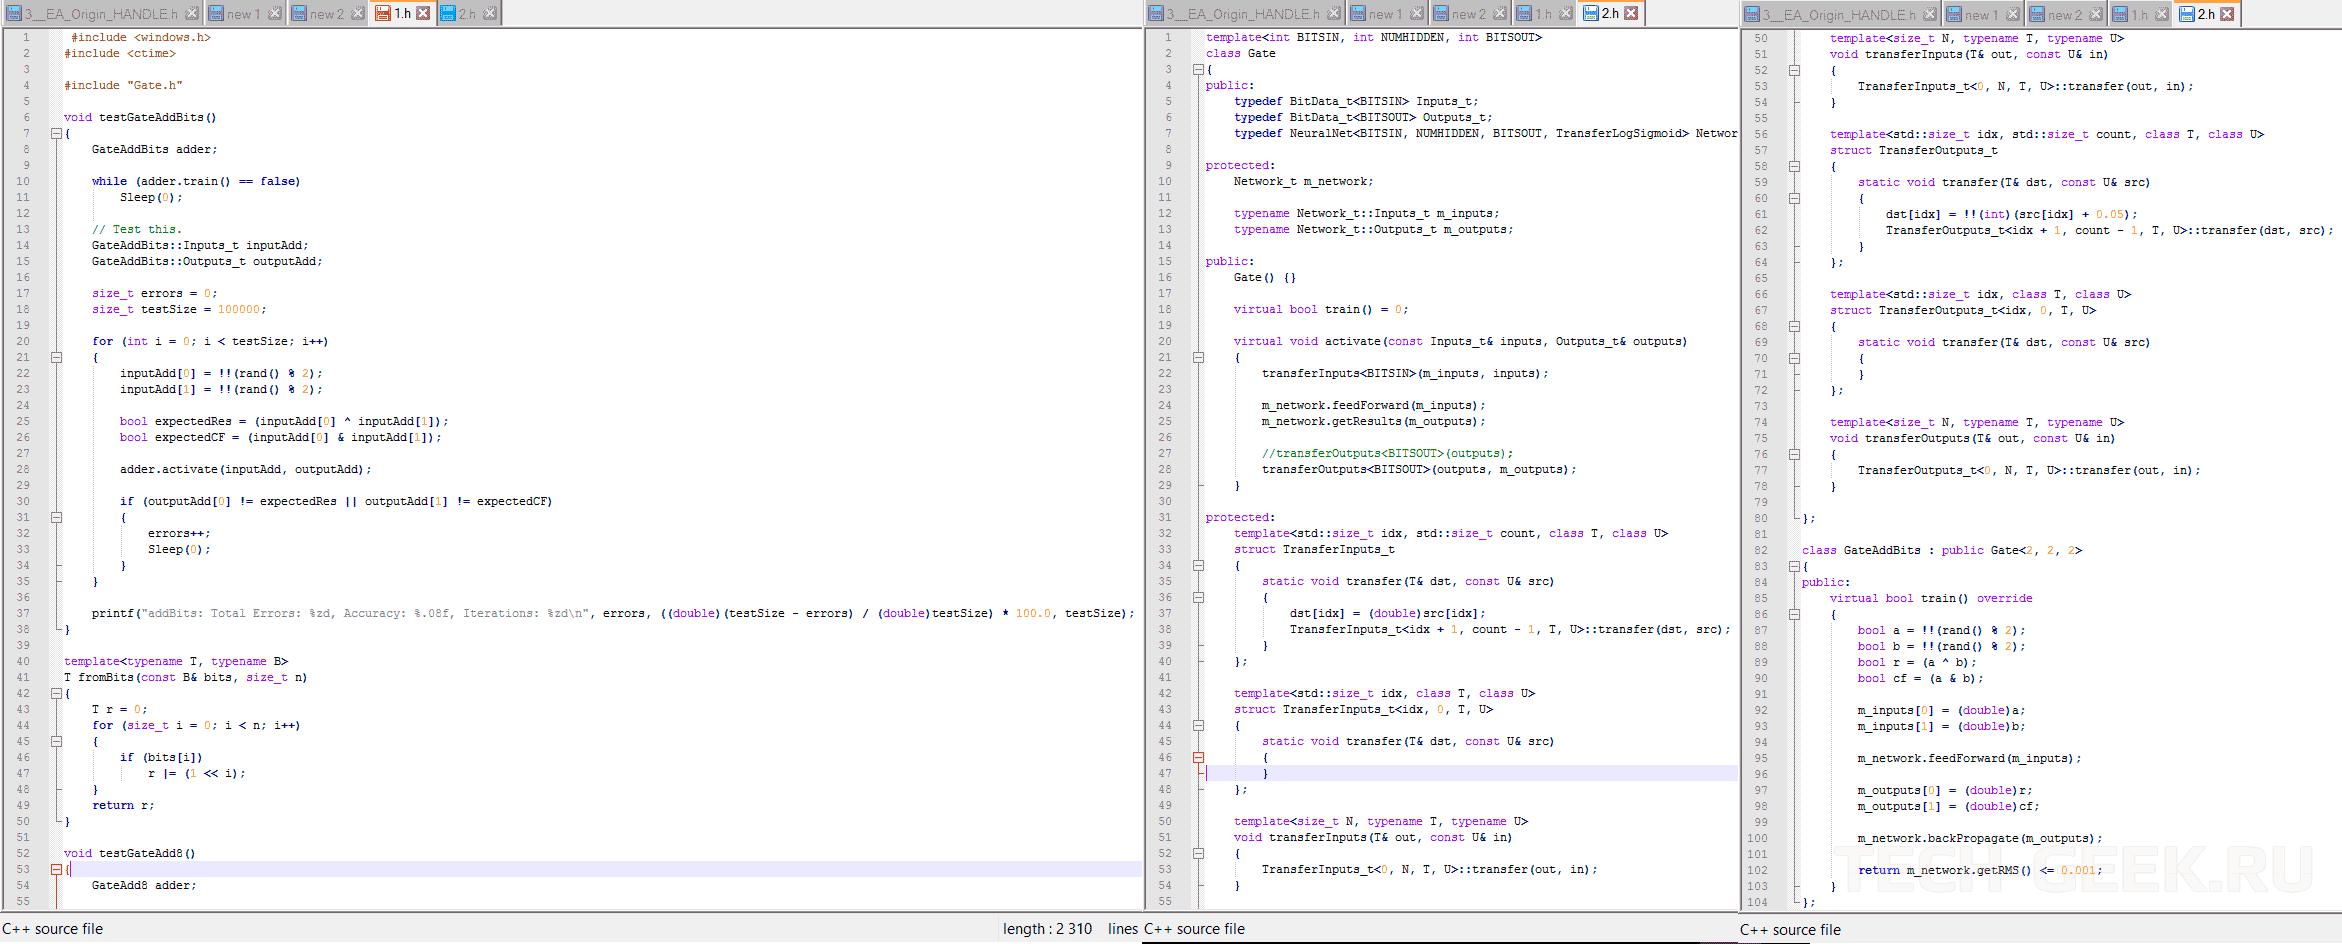 Подлинная часть исходного кода Denuvo 5.0, полученная от третьей стороны — Gate.h и Gate.cpp. Используется для генерации «псевдовиртуальной машины»